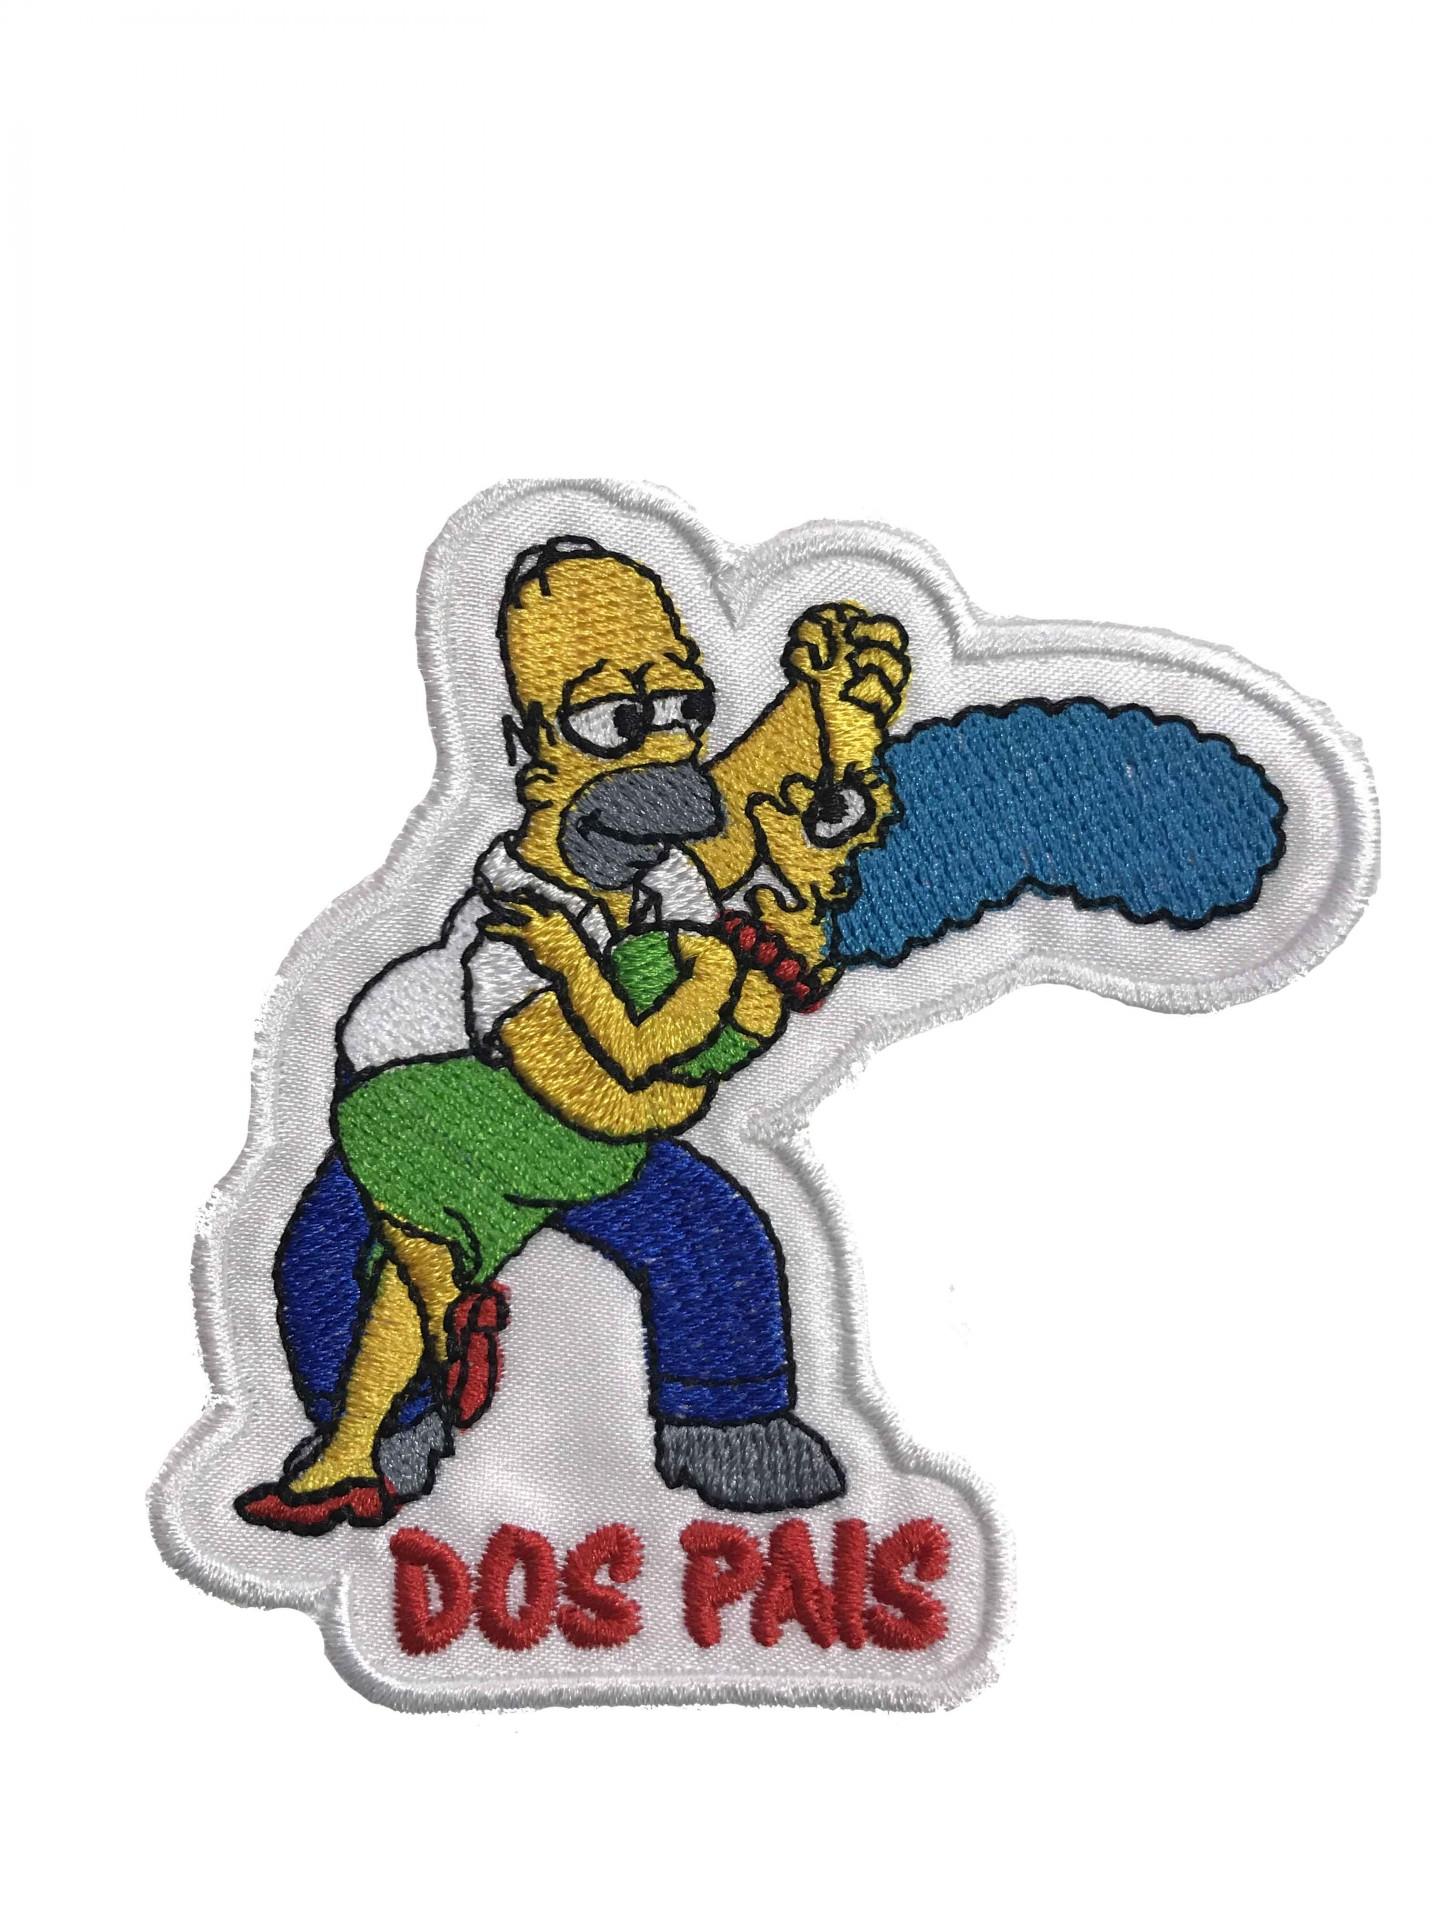 Emblema Pais